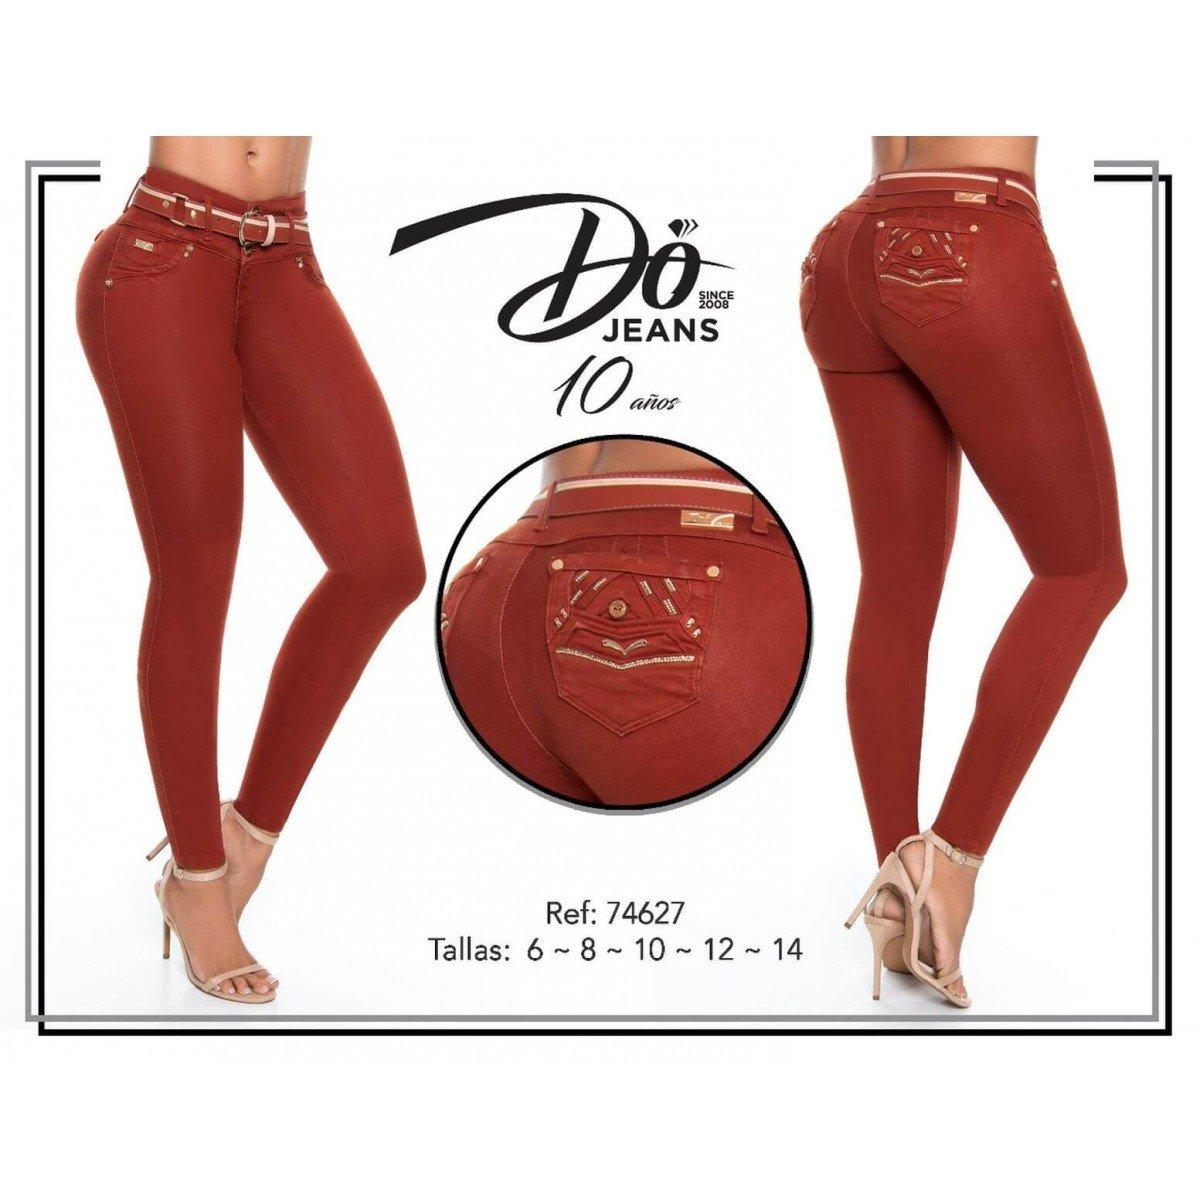 pantalon-colombiano-do-jeans-pd74627.jpg